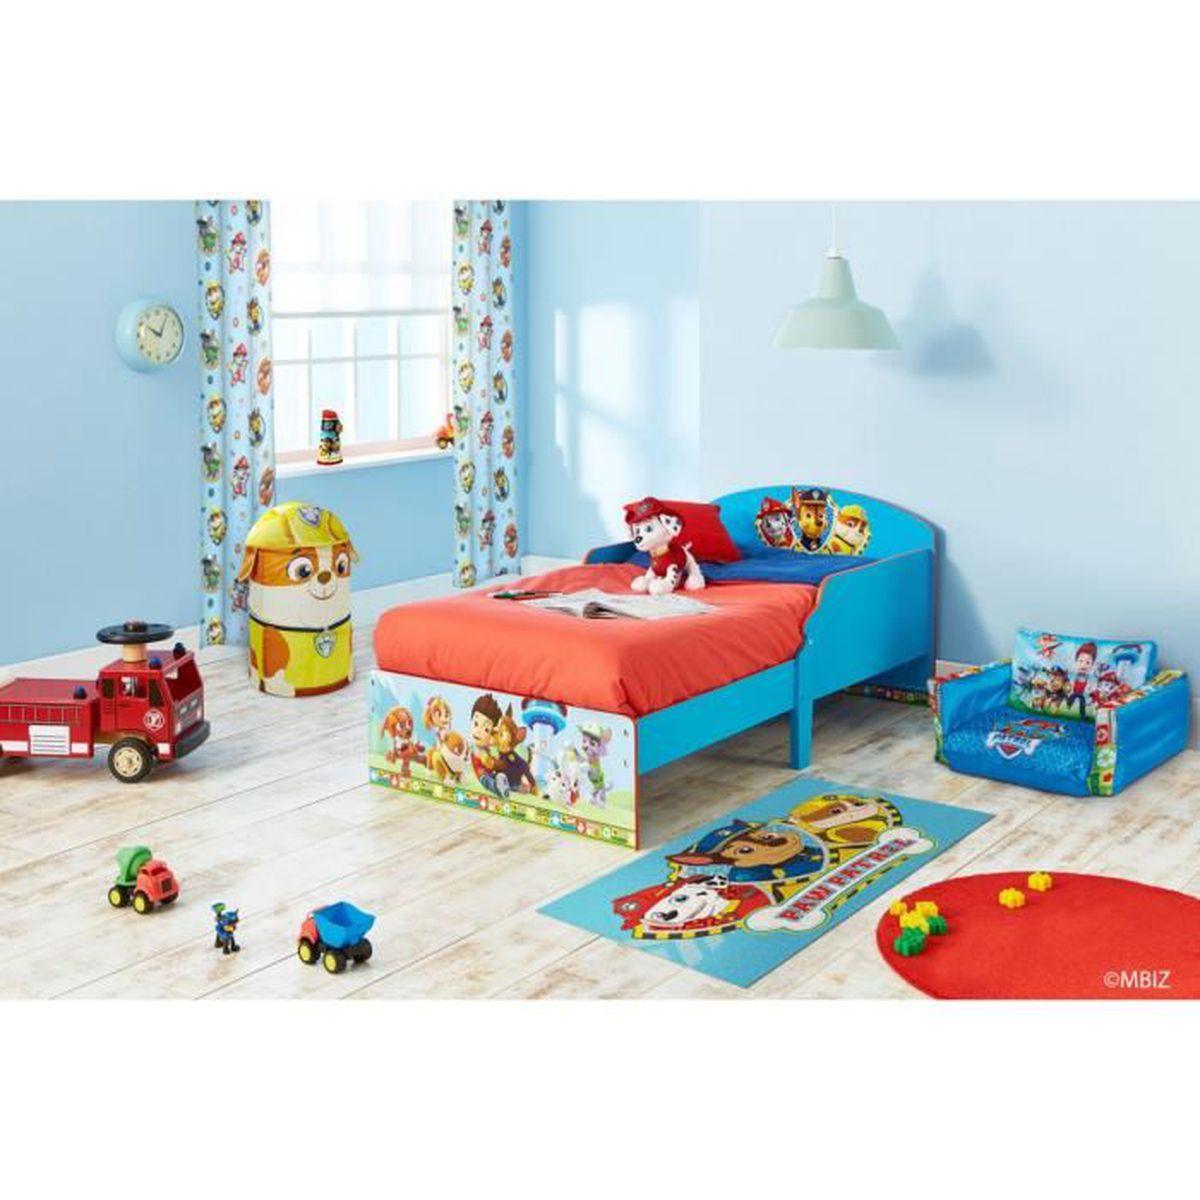 chambre enfant pat patrouille 70x140 bleu achat vente chambre compl te chambre enfant pat. Black Bedroom Furniture Sets. Home Design Ideas